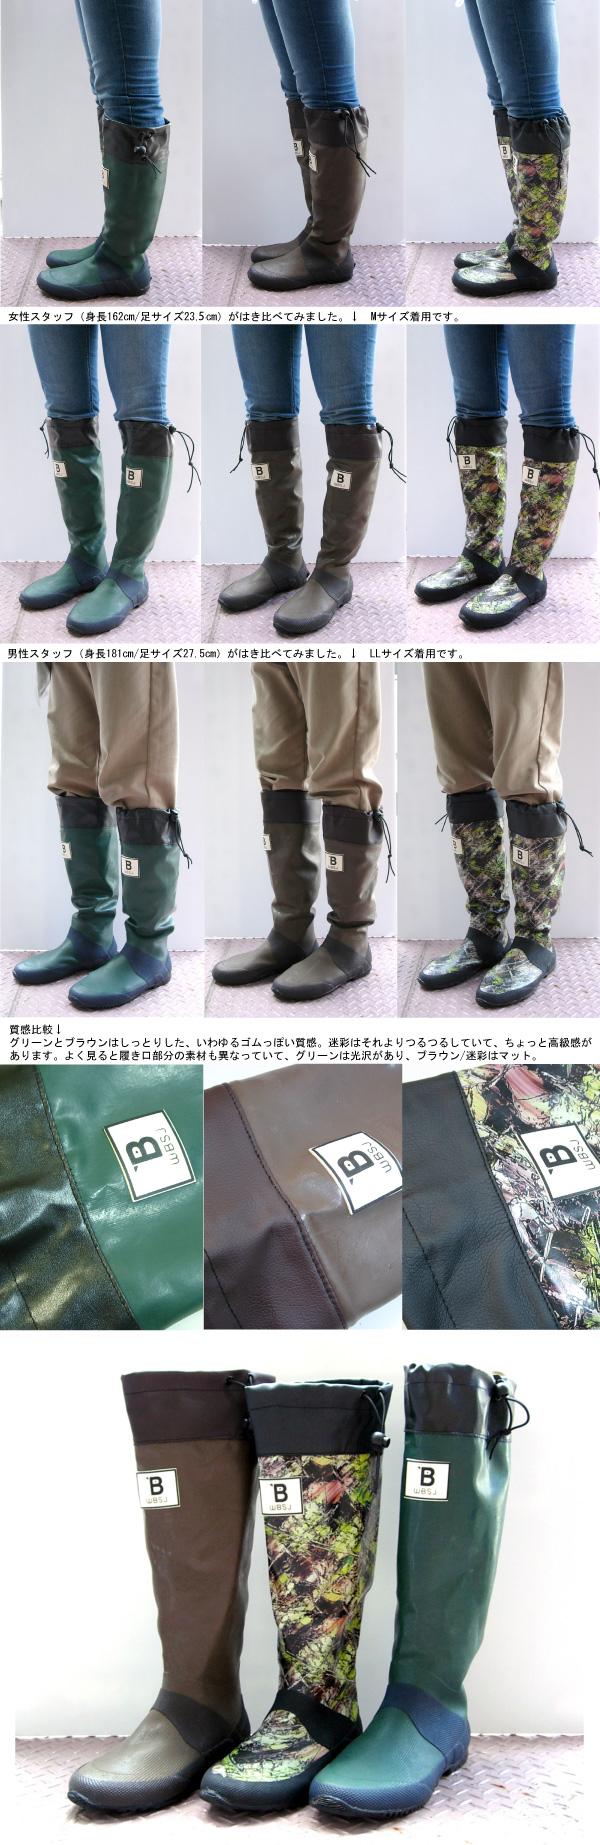 BW長靴比較